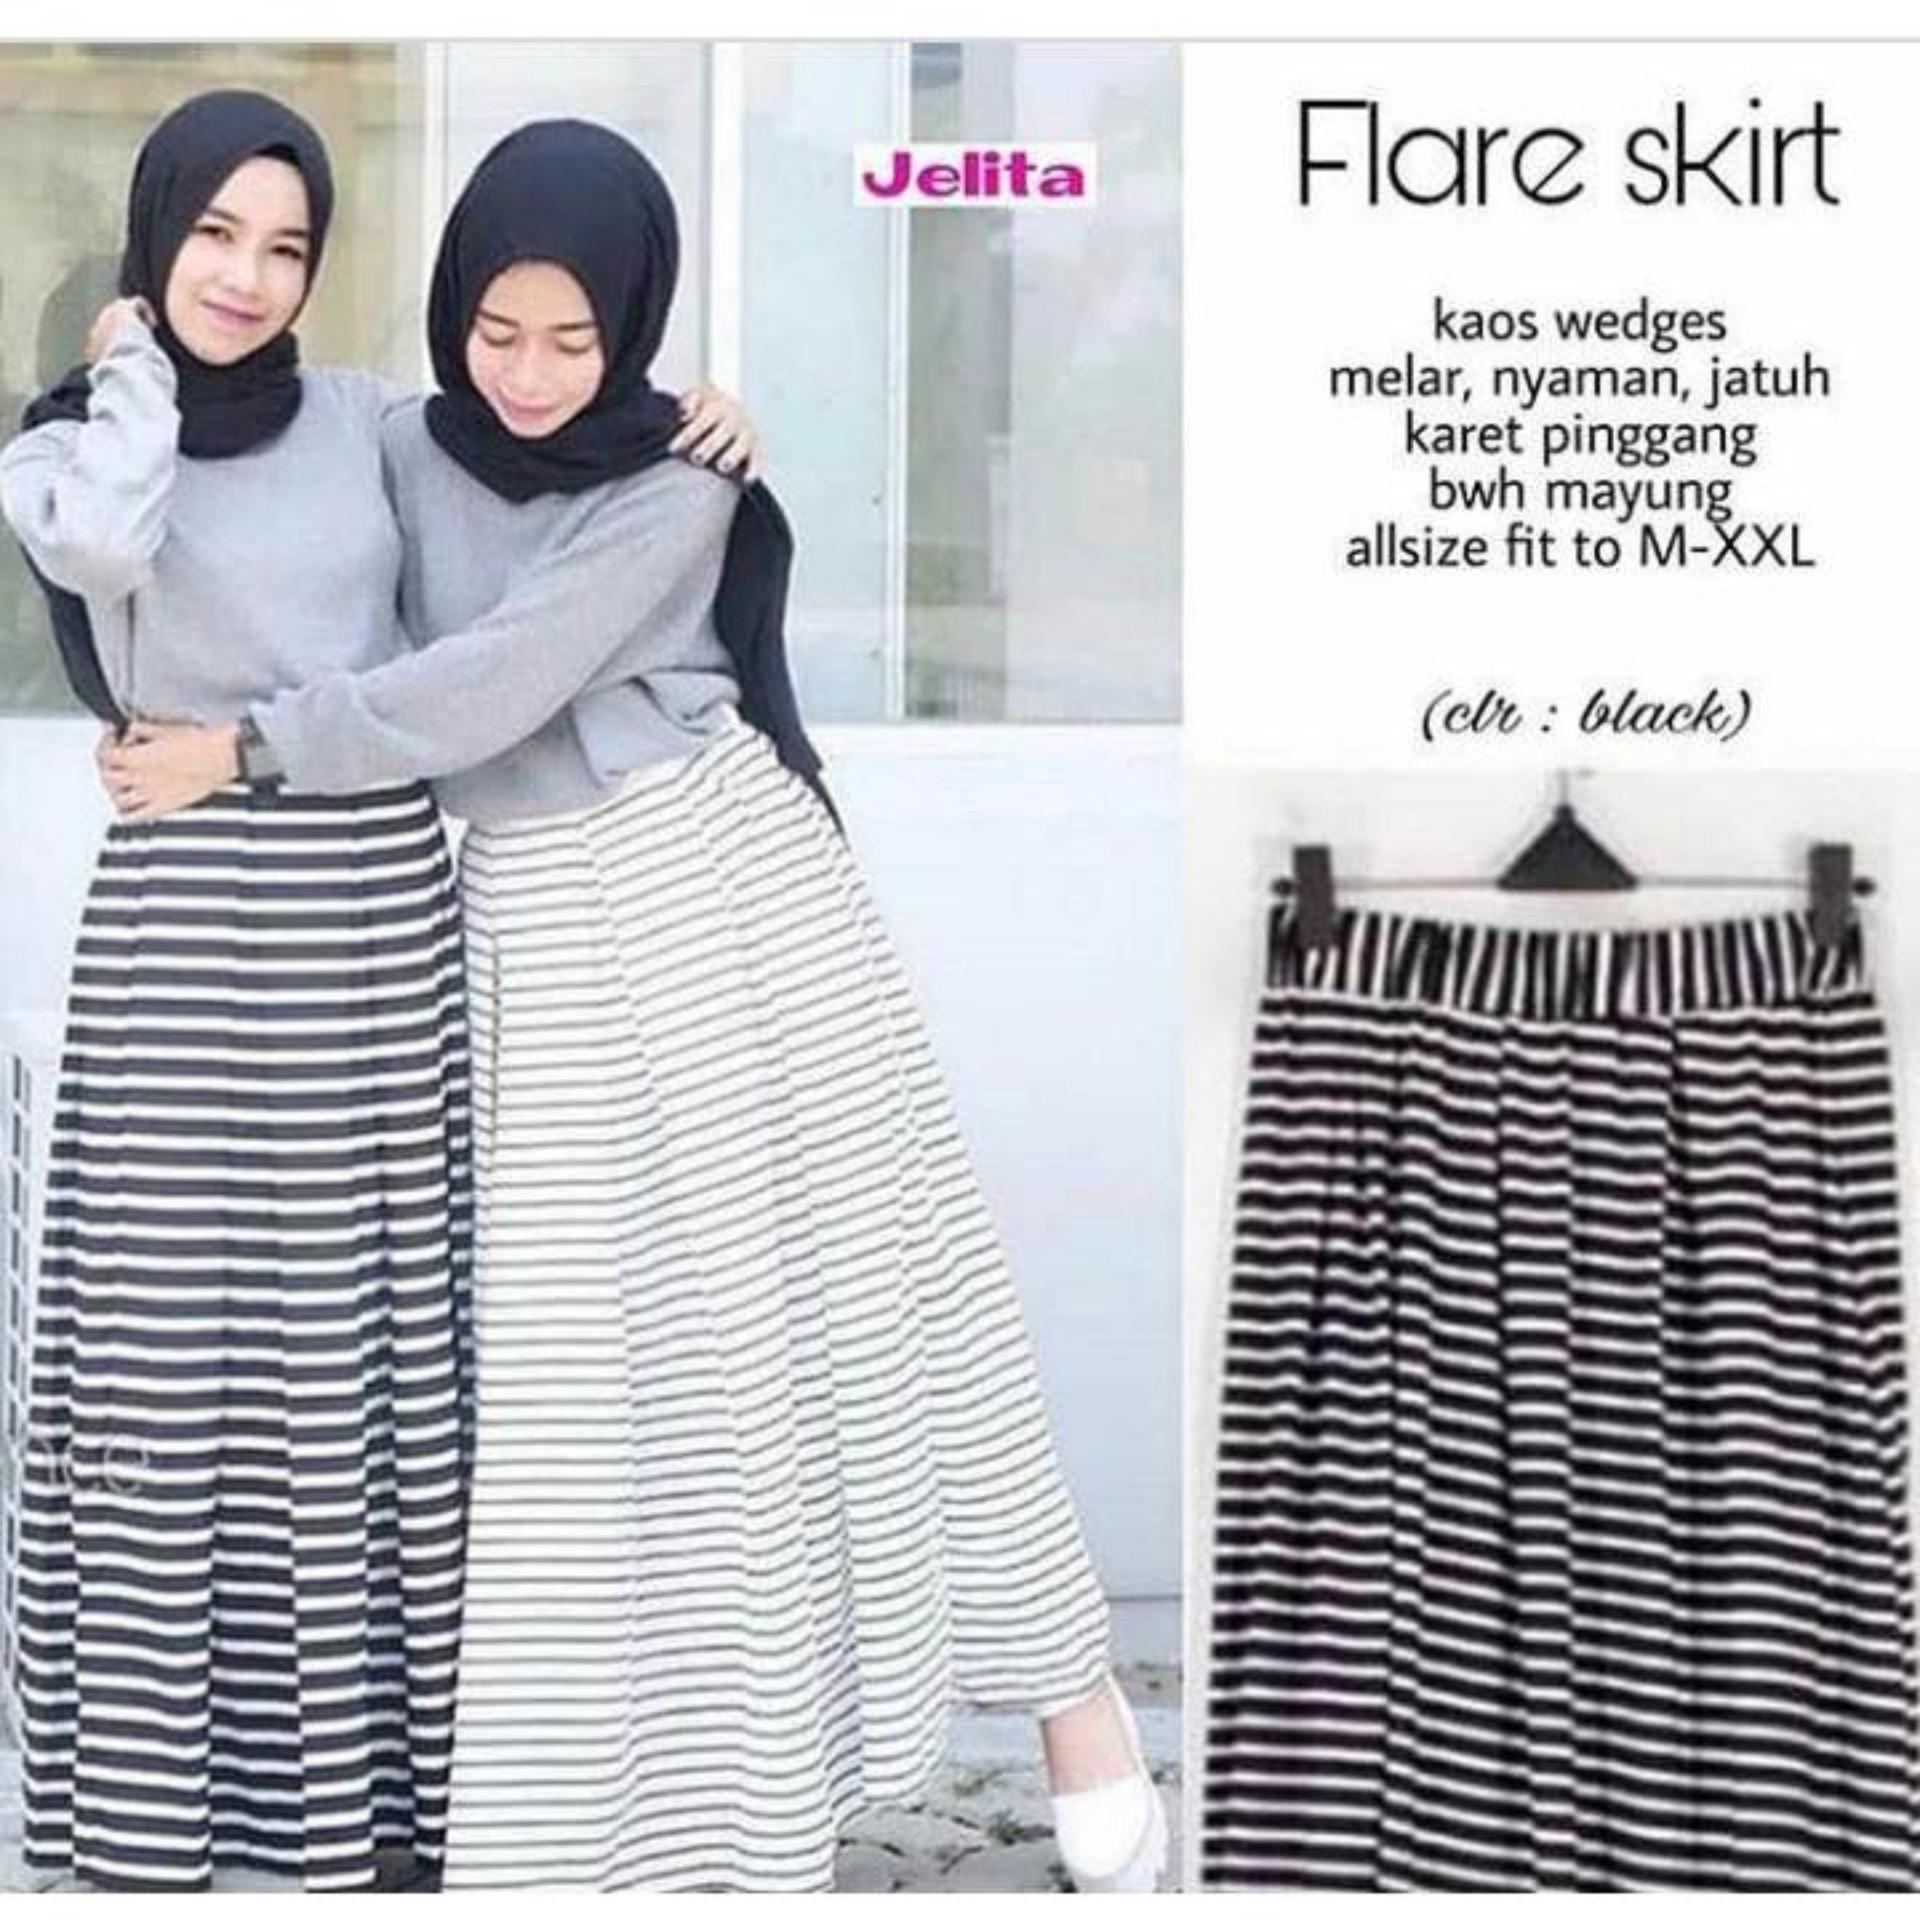 Rok Flare Skirt Midi Panjang 50cm RK100IDR58000. Rp 58.000